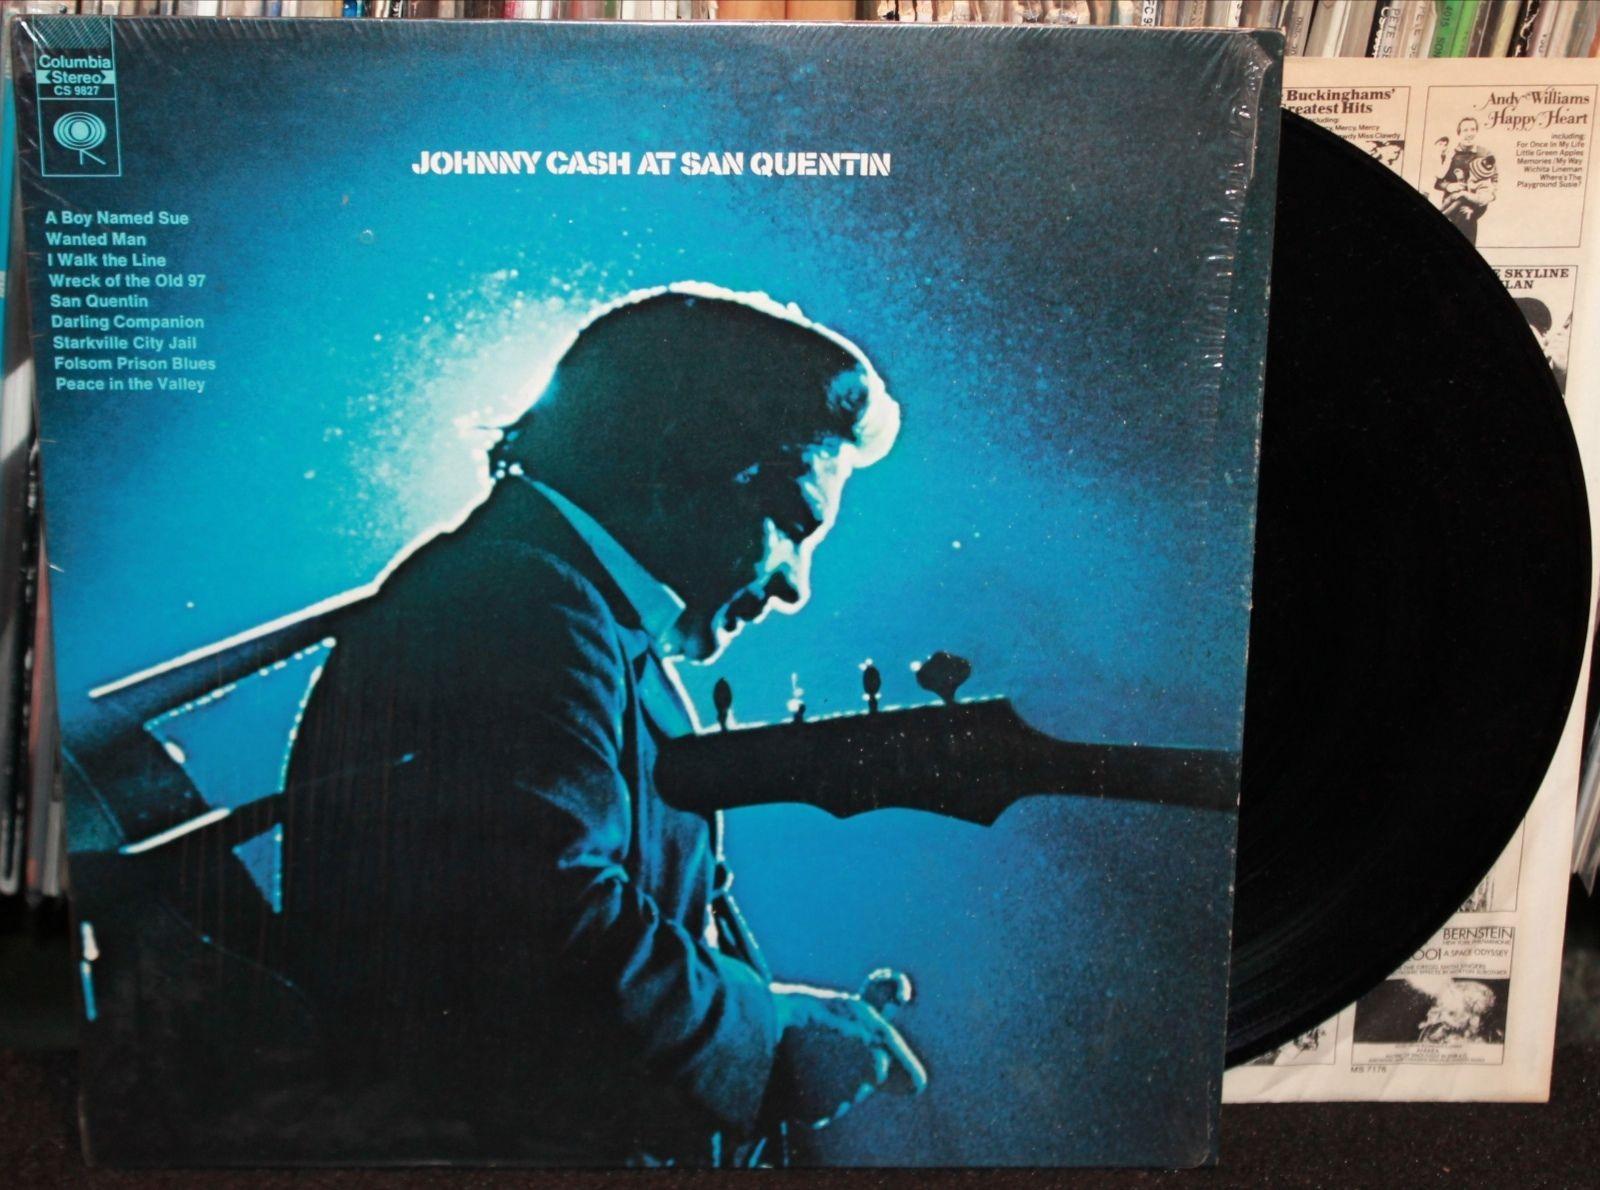 Johnny Cash Quot Live At San Quentin Quot Lp Columbia Records